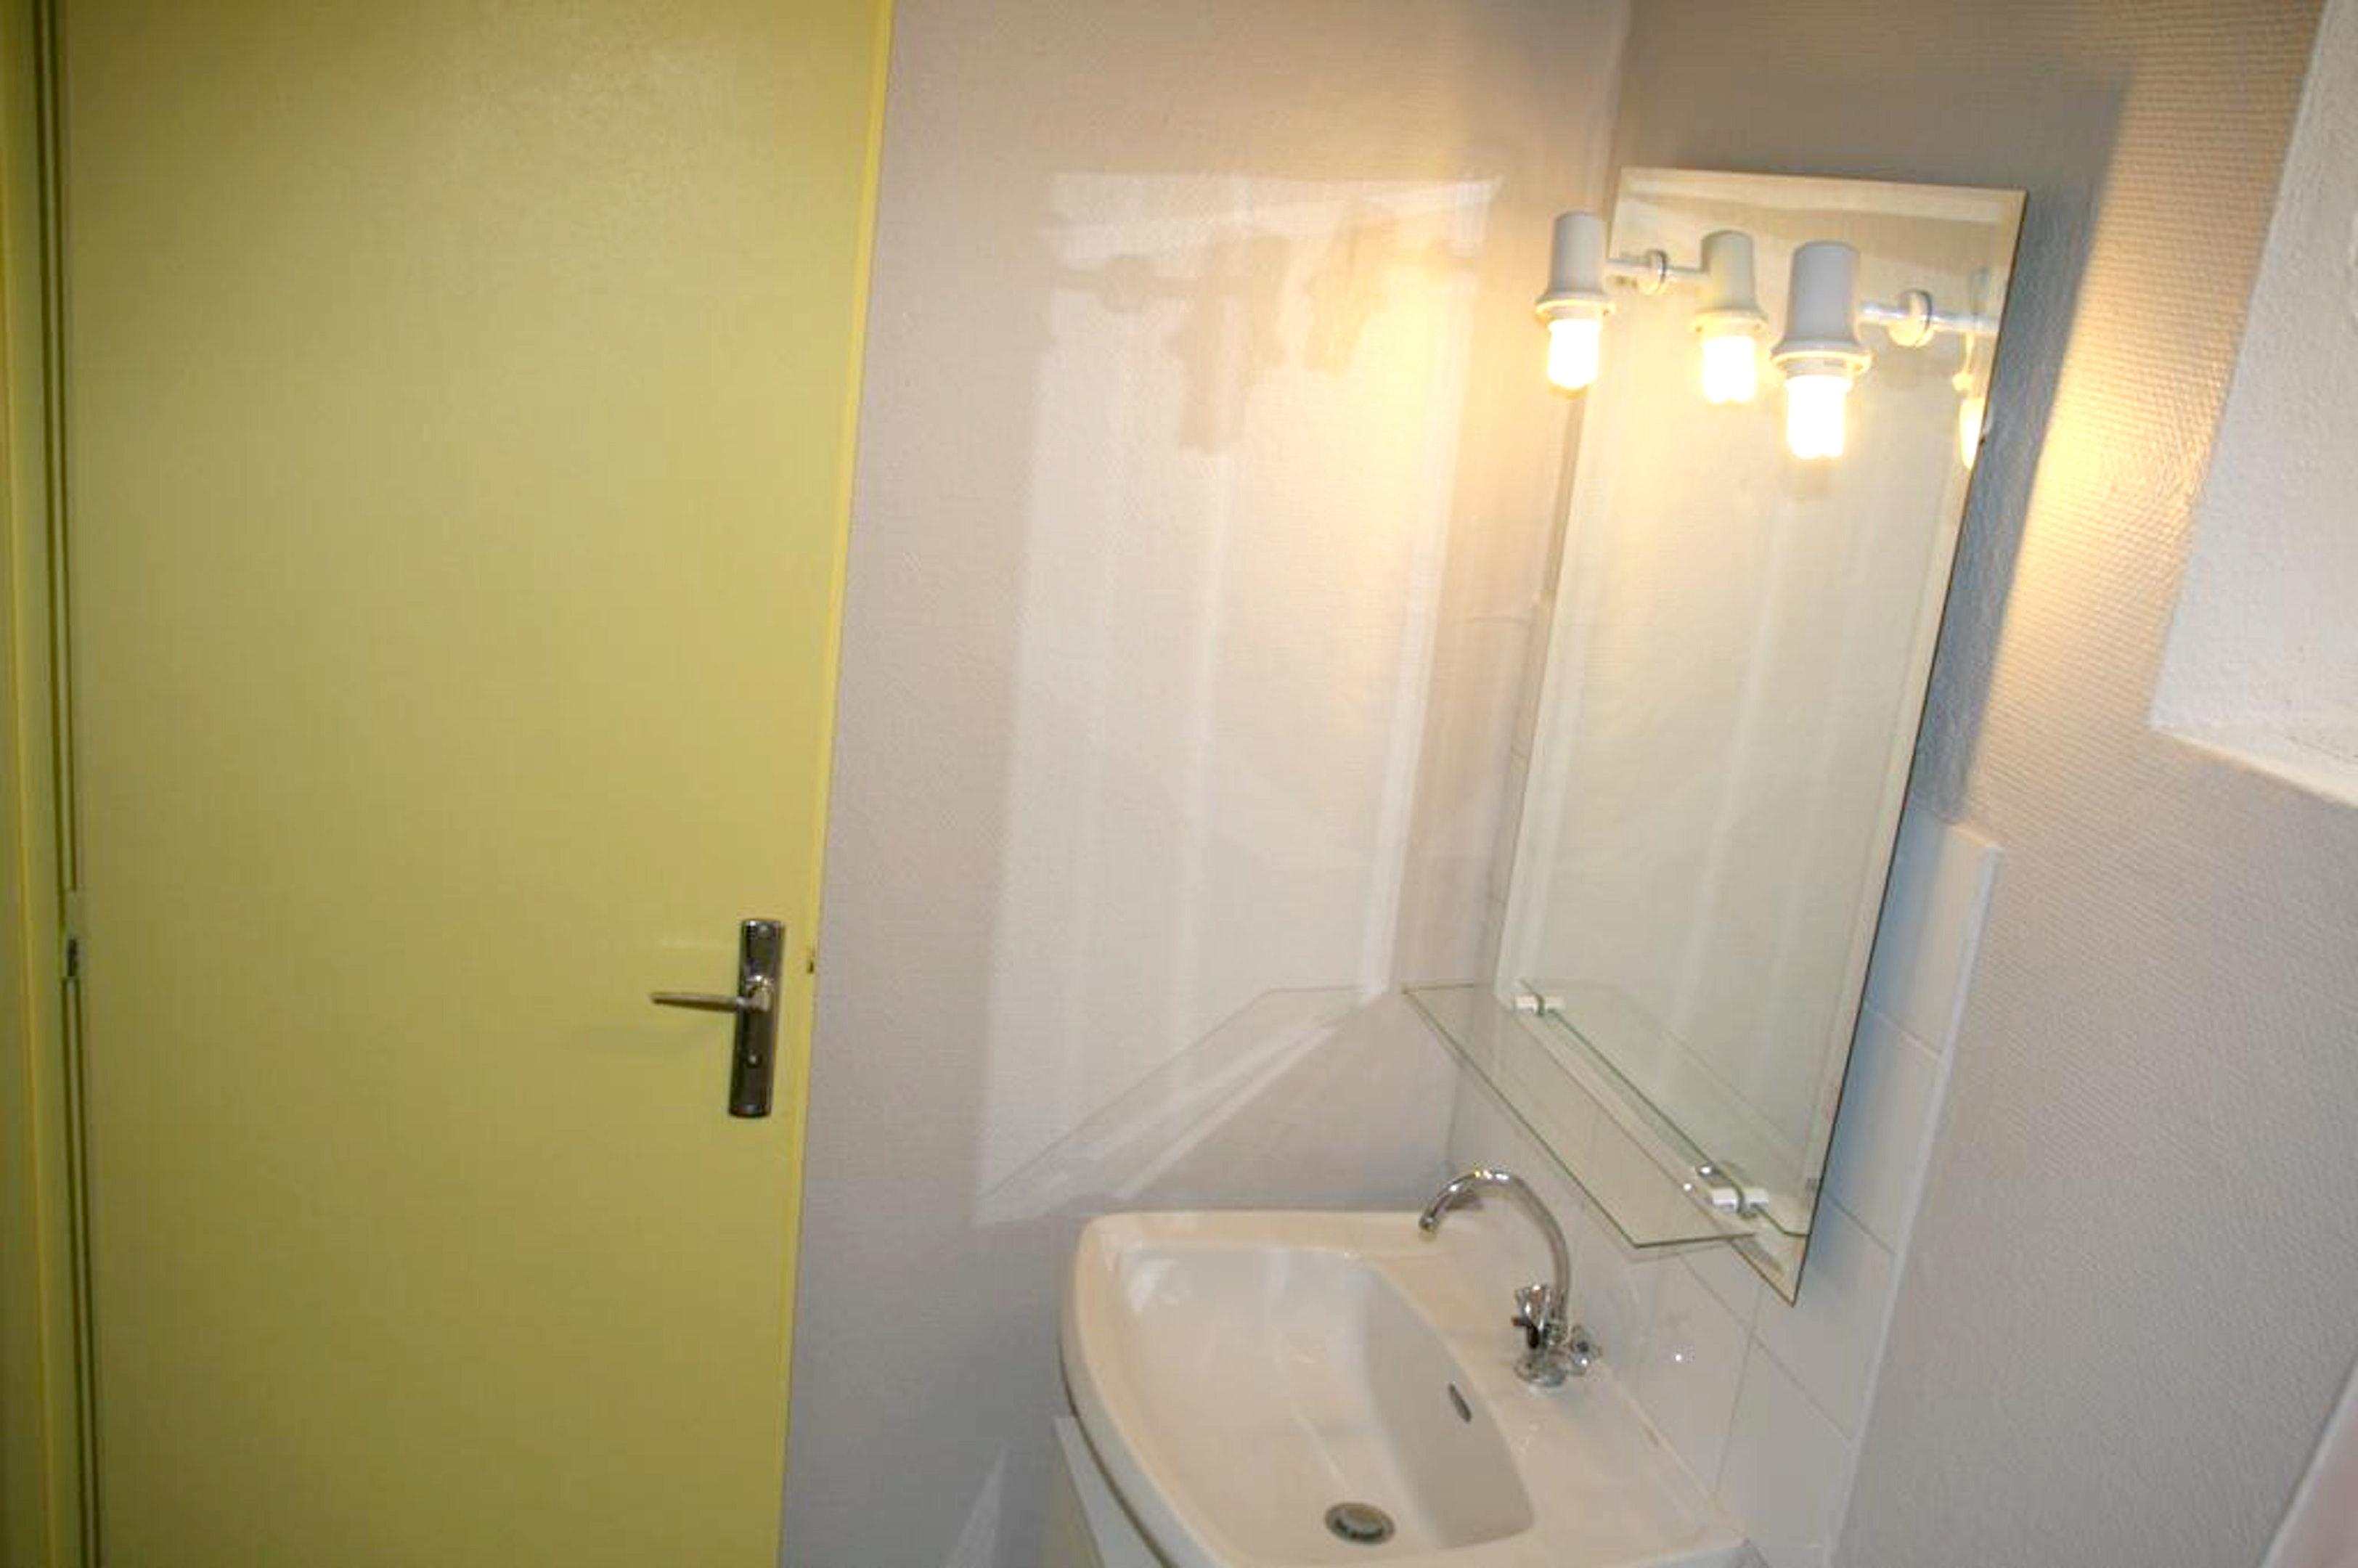 Ferienhaus Haus mit 2 Schlafzimmern in Puy-l'Évêque mit Pool, eingezäuntem Garten und W-LAN (2701052), Puy l'Évêque, Lot, Midi-Pyrénées, Frankreich, Bild 7